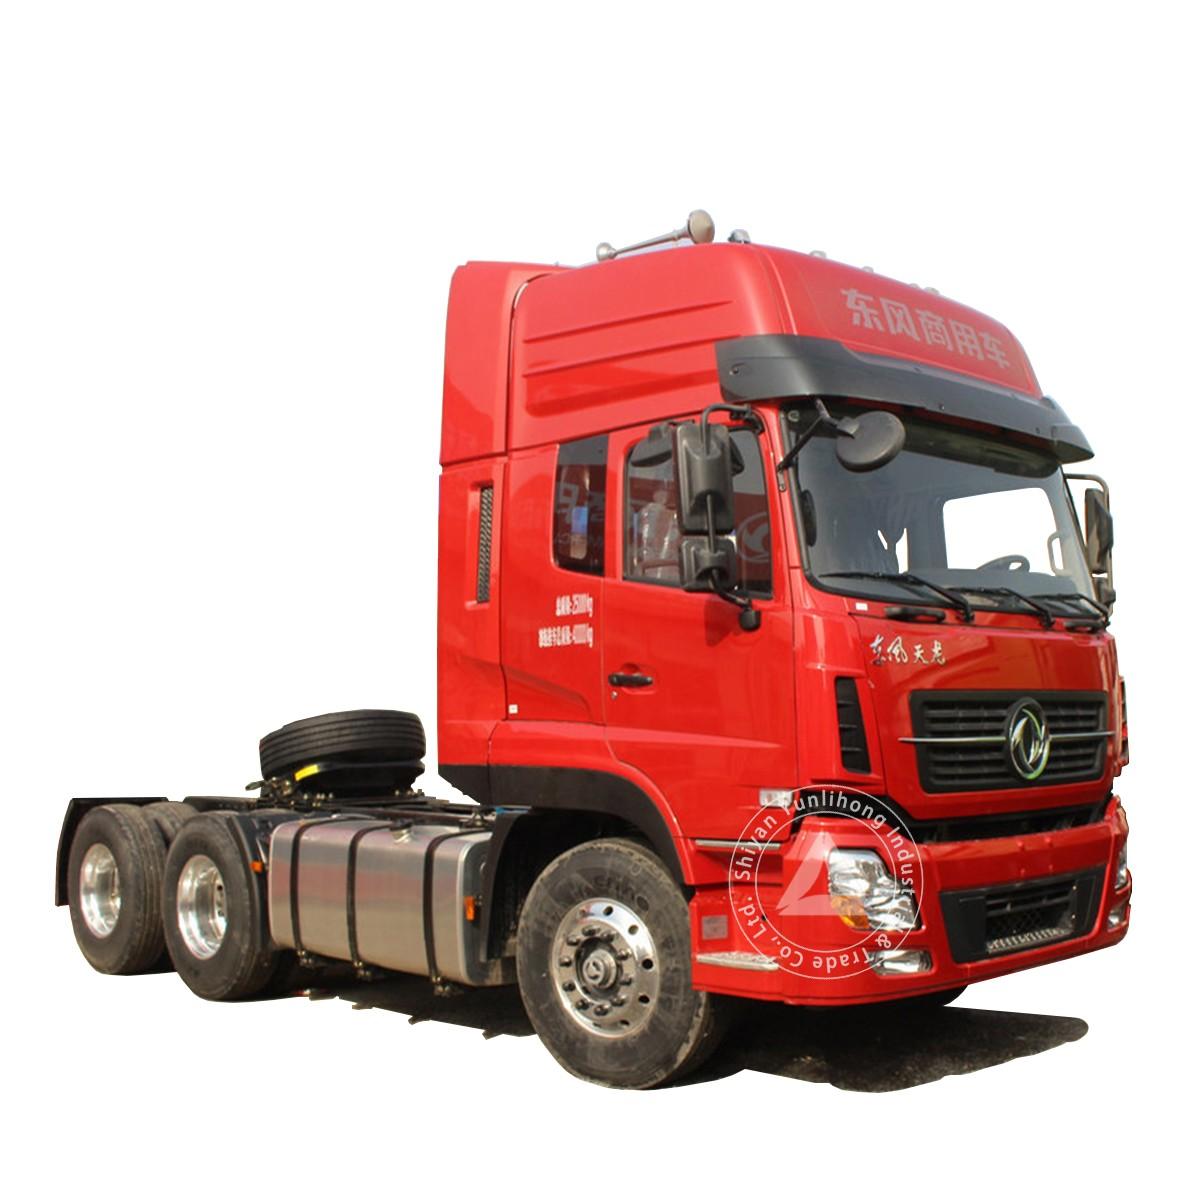 खरीदने के लिए केएल 450hp 6x4 पेट्रोलियम और रासायनिक परिवहन ट्रैक्टर,केएल 450hp 6x4 पेट्रोलियम और रासायनिक परिवहन ट्रैक्टर दाम,केएल 450hp 6x4 पेट्रोलियम और रासायनिक परिवहन ट्रैक्टर ब्रांड,केएल 450hp 6x4 पेट्रोलियम और रासायनिक परिवहन ट्रैक्टर मैन्युफैक्चरर्स,केएल 450hp 6x4 पेट्रोलियम और रासायनिक परिवहन ट्रैक्टर उद्धृत मूल्य,केएल 450hp 6x4 पेट्रोलियम और रासायनिक परिवहन ट्रैक्टर कंपनी,